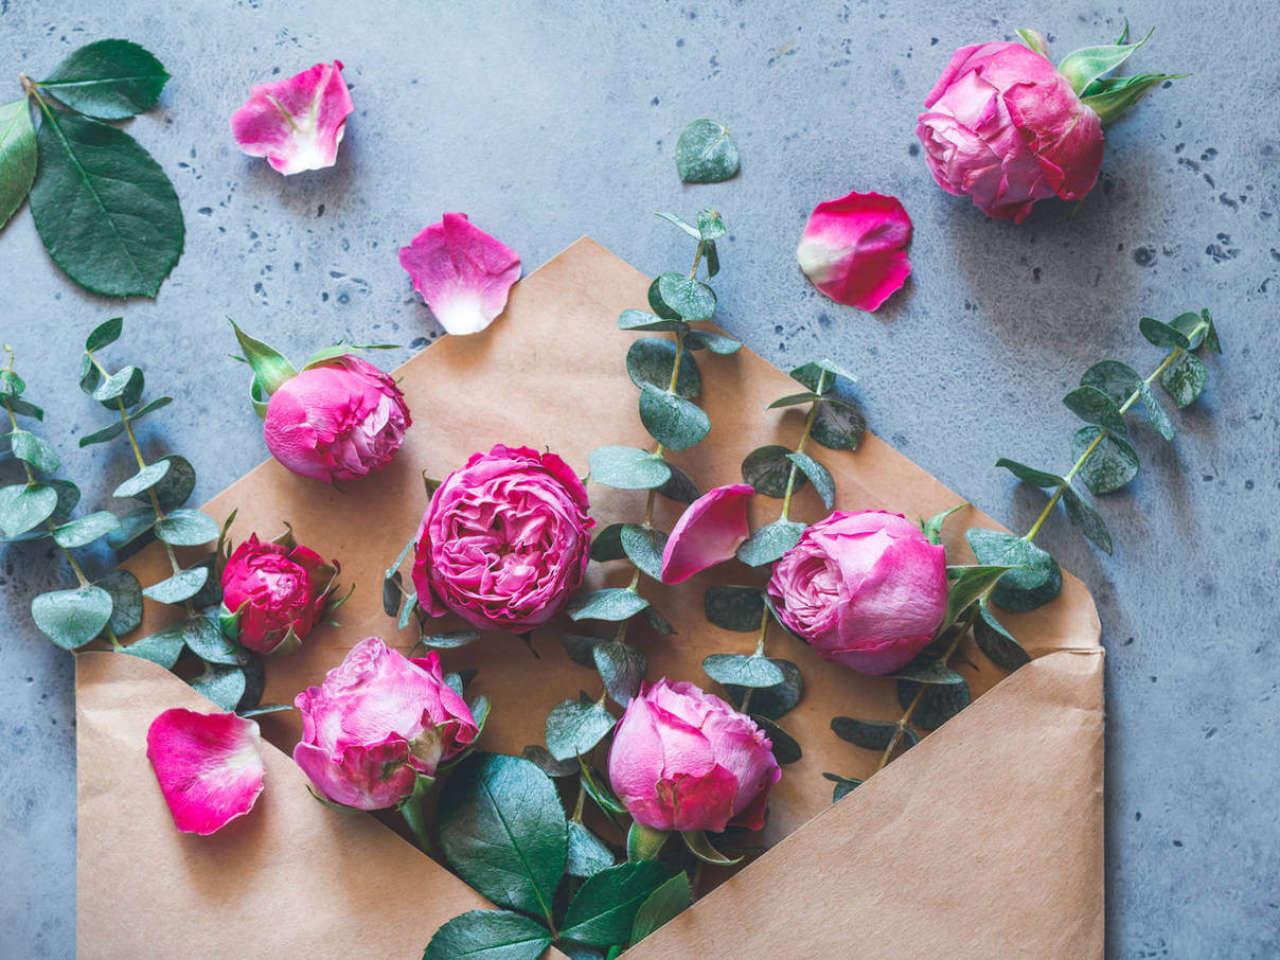 Wesele 2019: Ile dać na wesele? [ślub chrześnicy, wnuczka, znajomych]